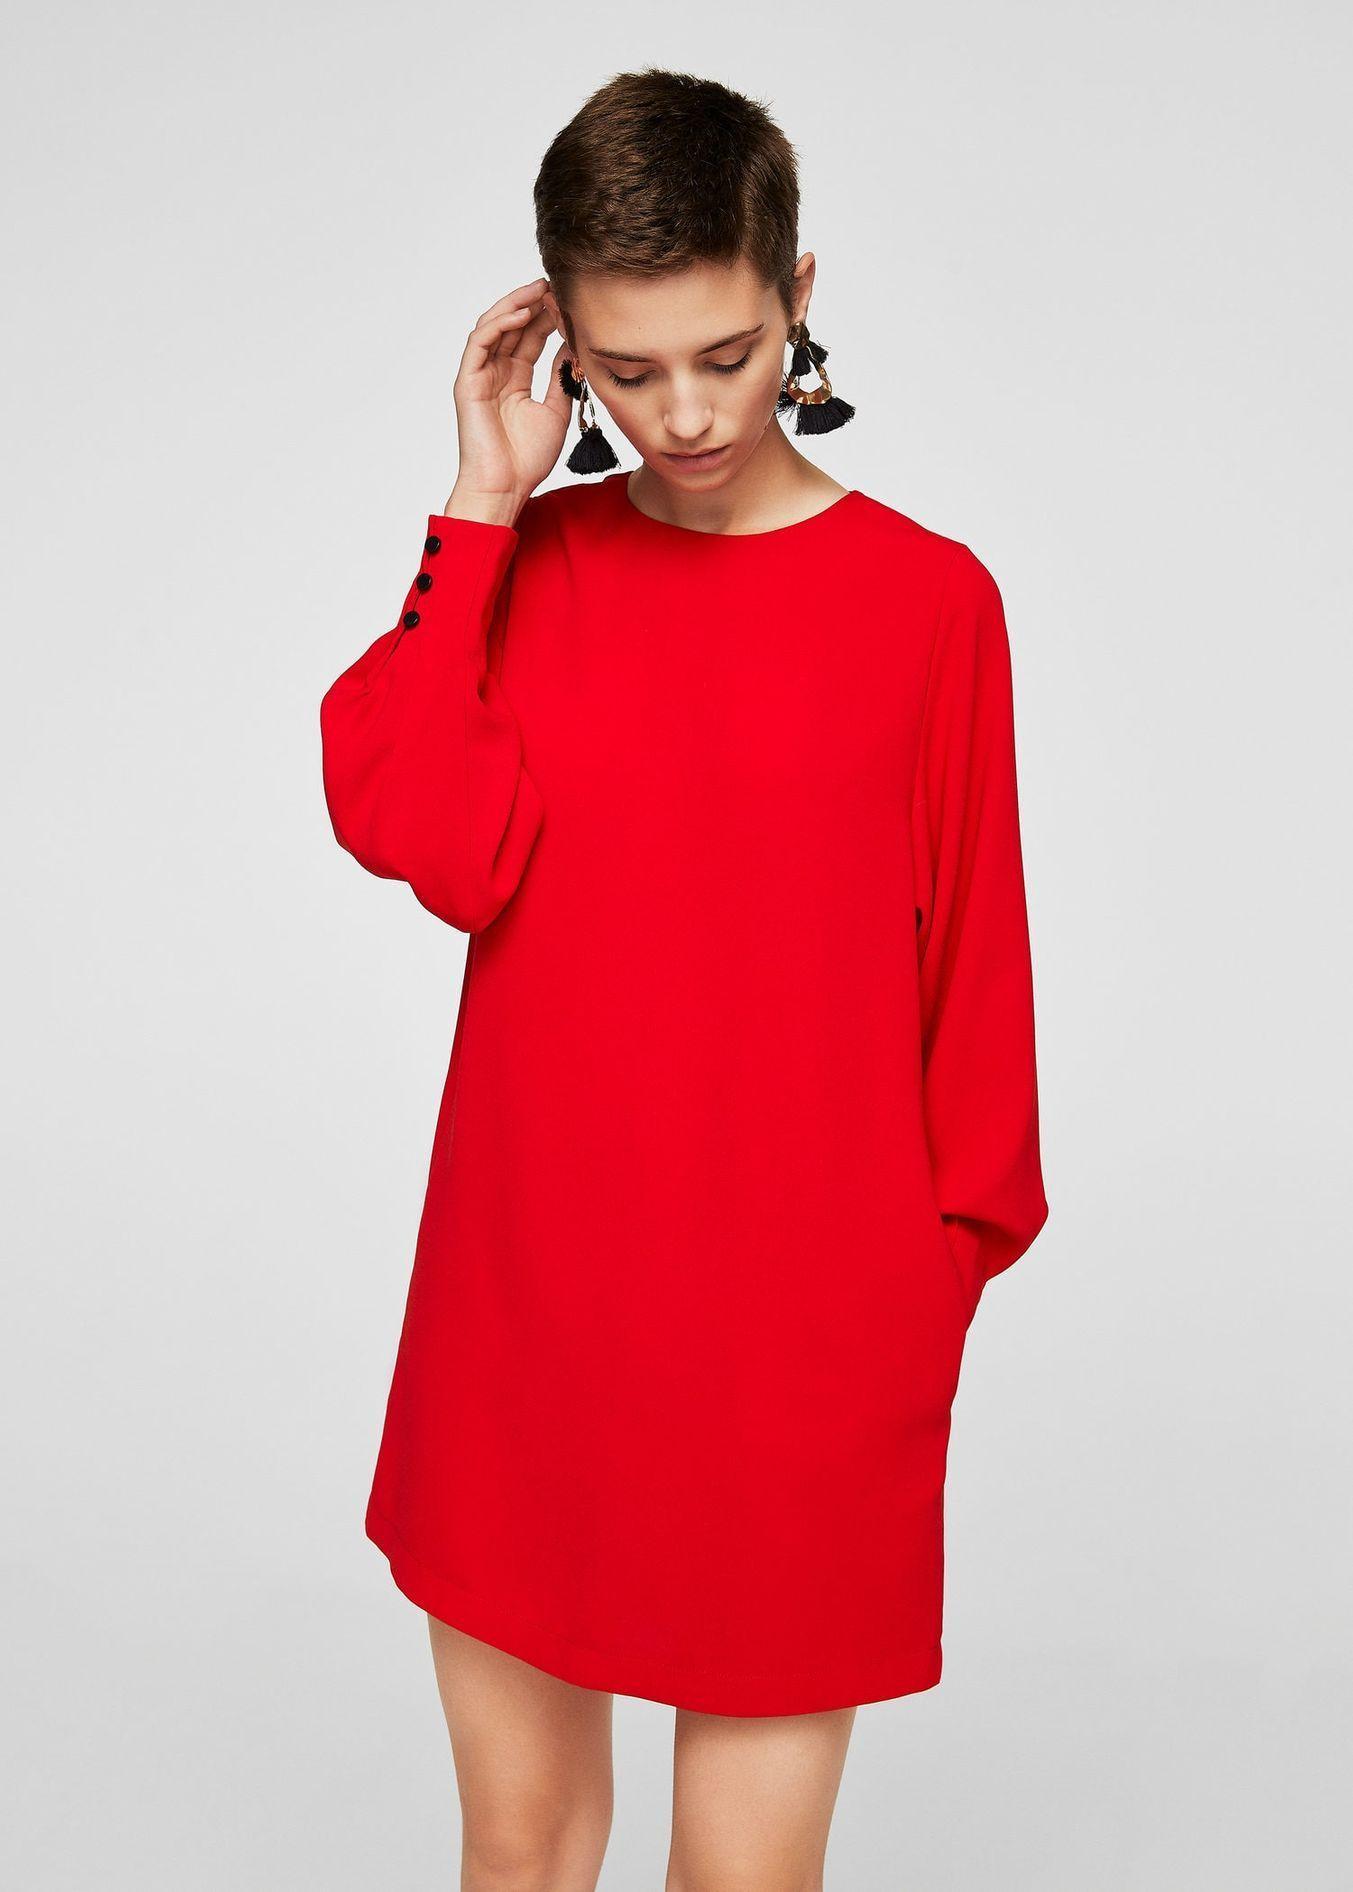 Co si vzít na vánoční večírek  Absolutním hitem jsou červené šaty. 1 26  Prohlédnout znovu Zavřít galerii. šaty b5e9940f70